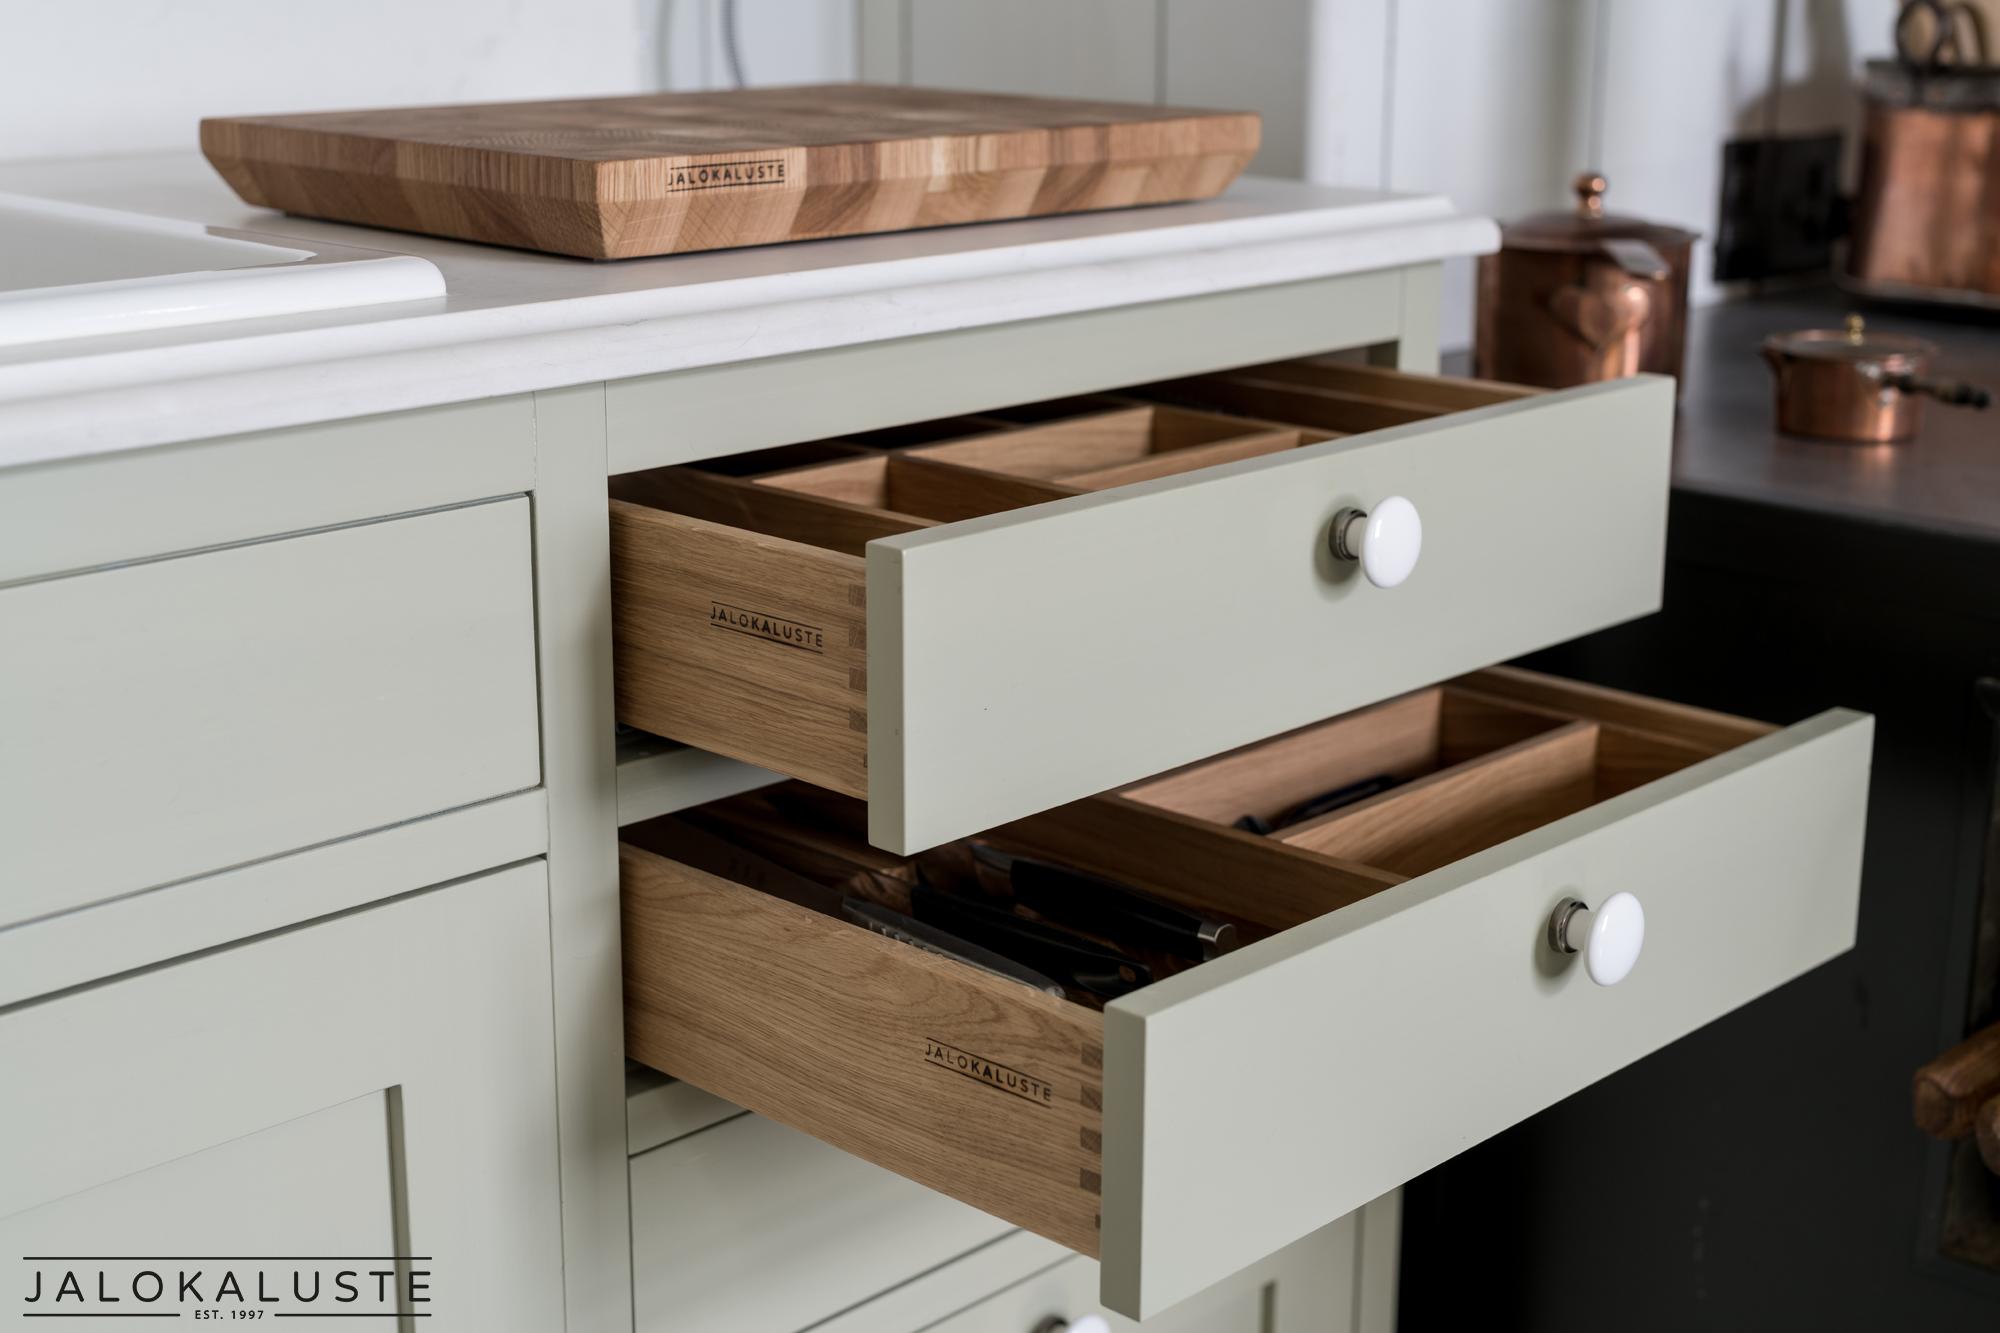 Sarlotta keittiö5- Jalokaluste.jpg